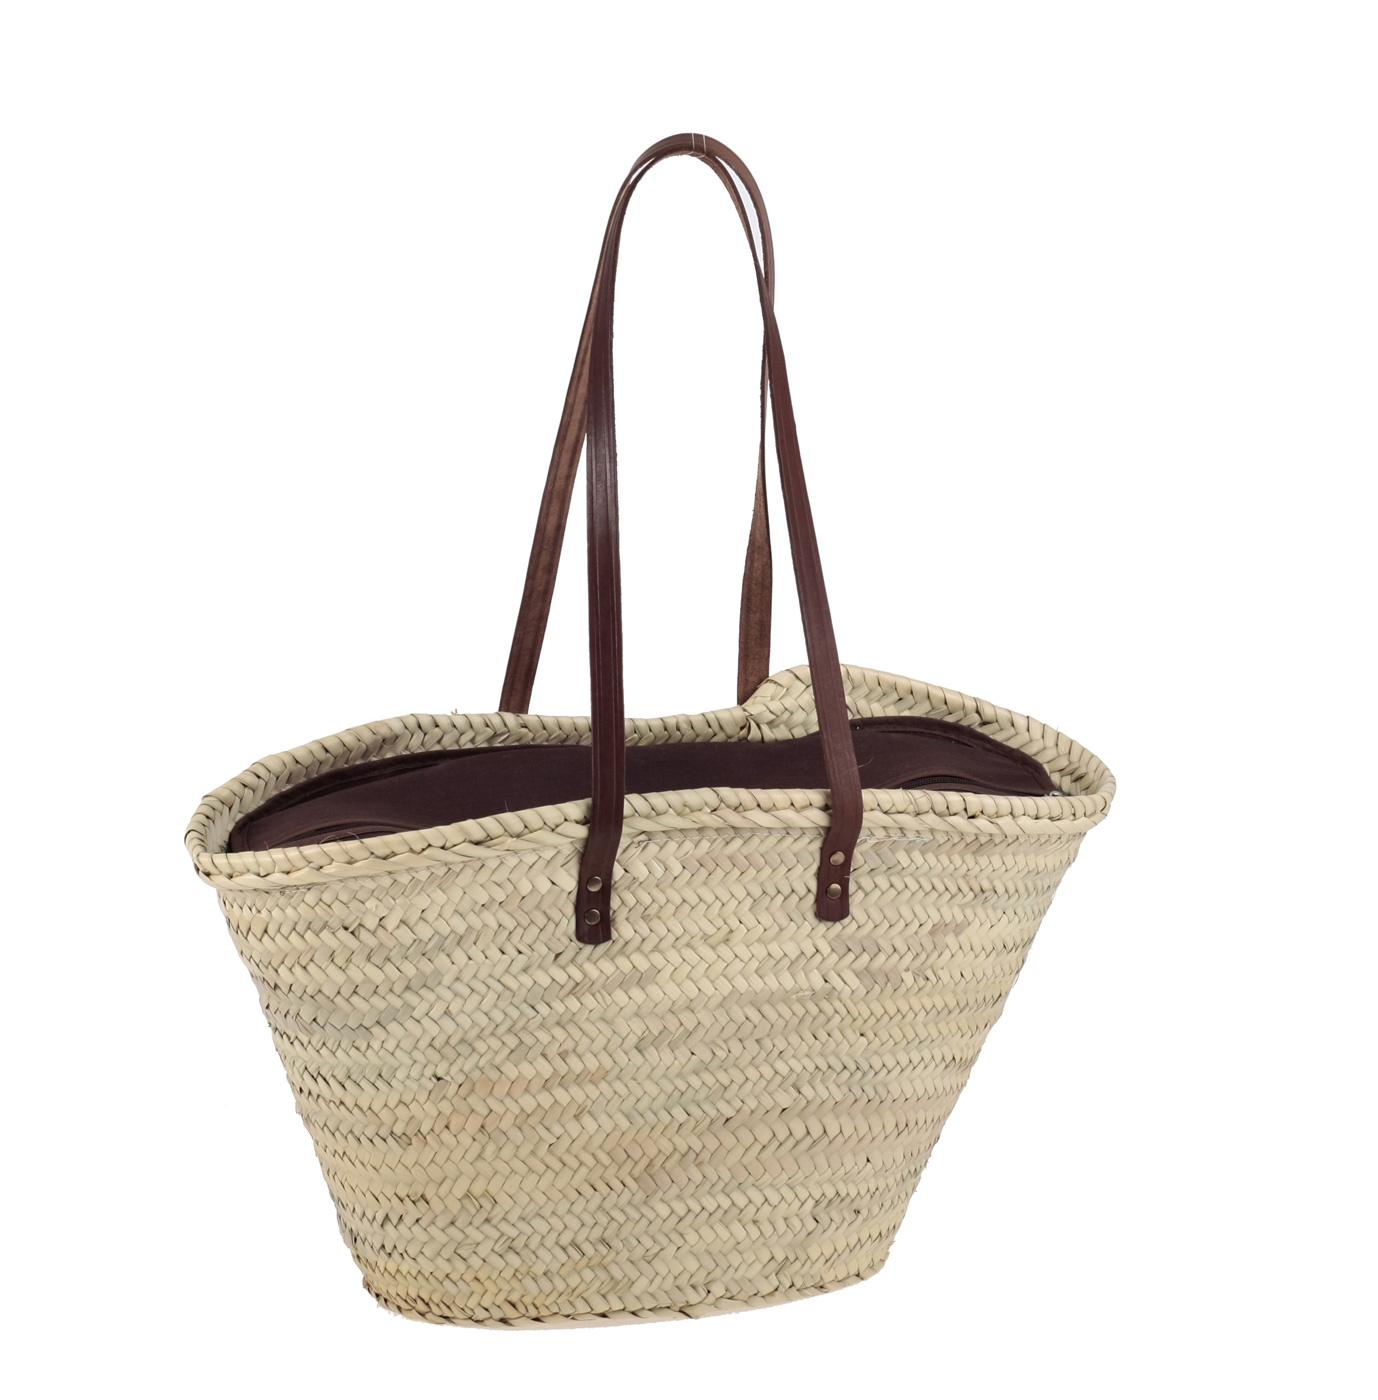 75763a550 Palmový košík na pláž Kbas hnedý